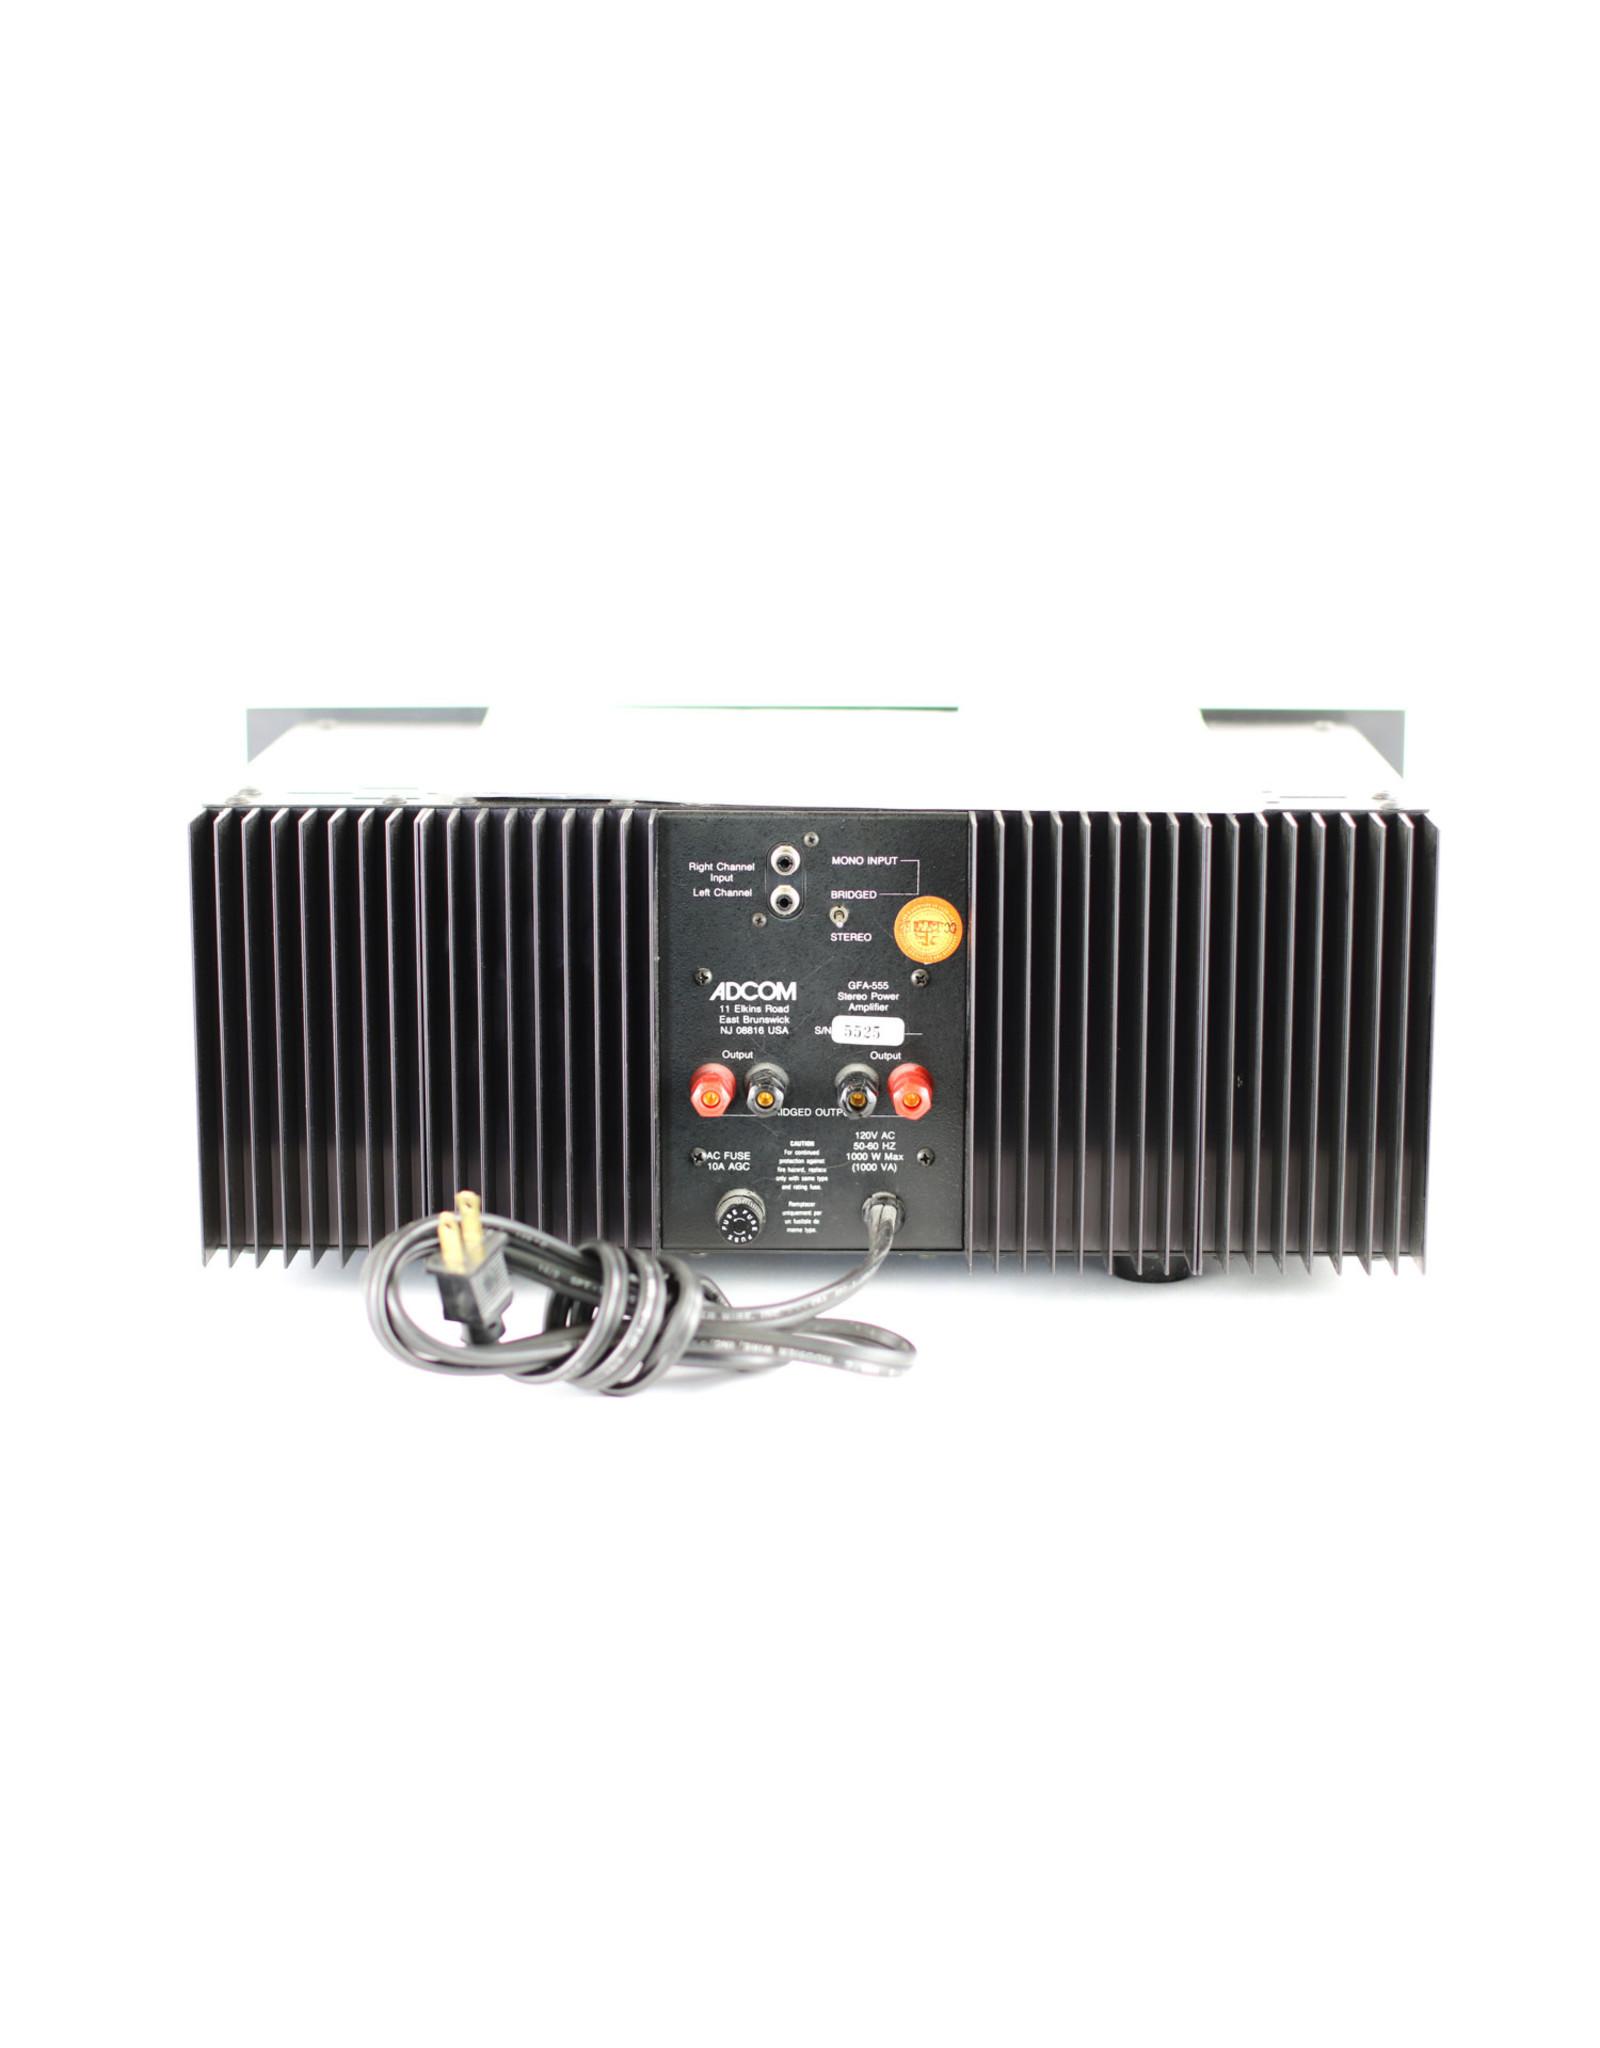 Adcom Adcom GFA-555 Power Amp USED